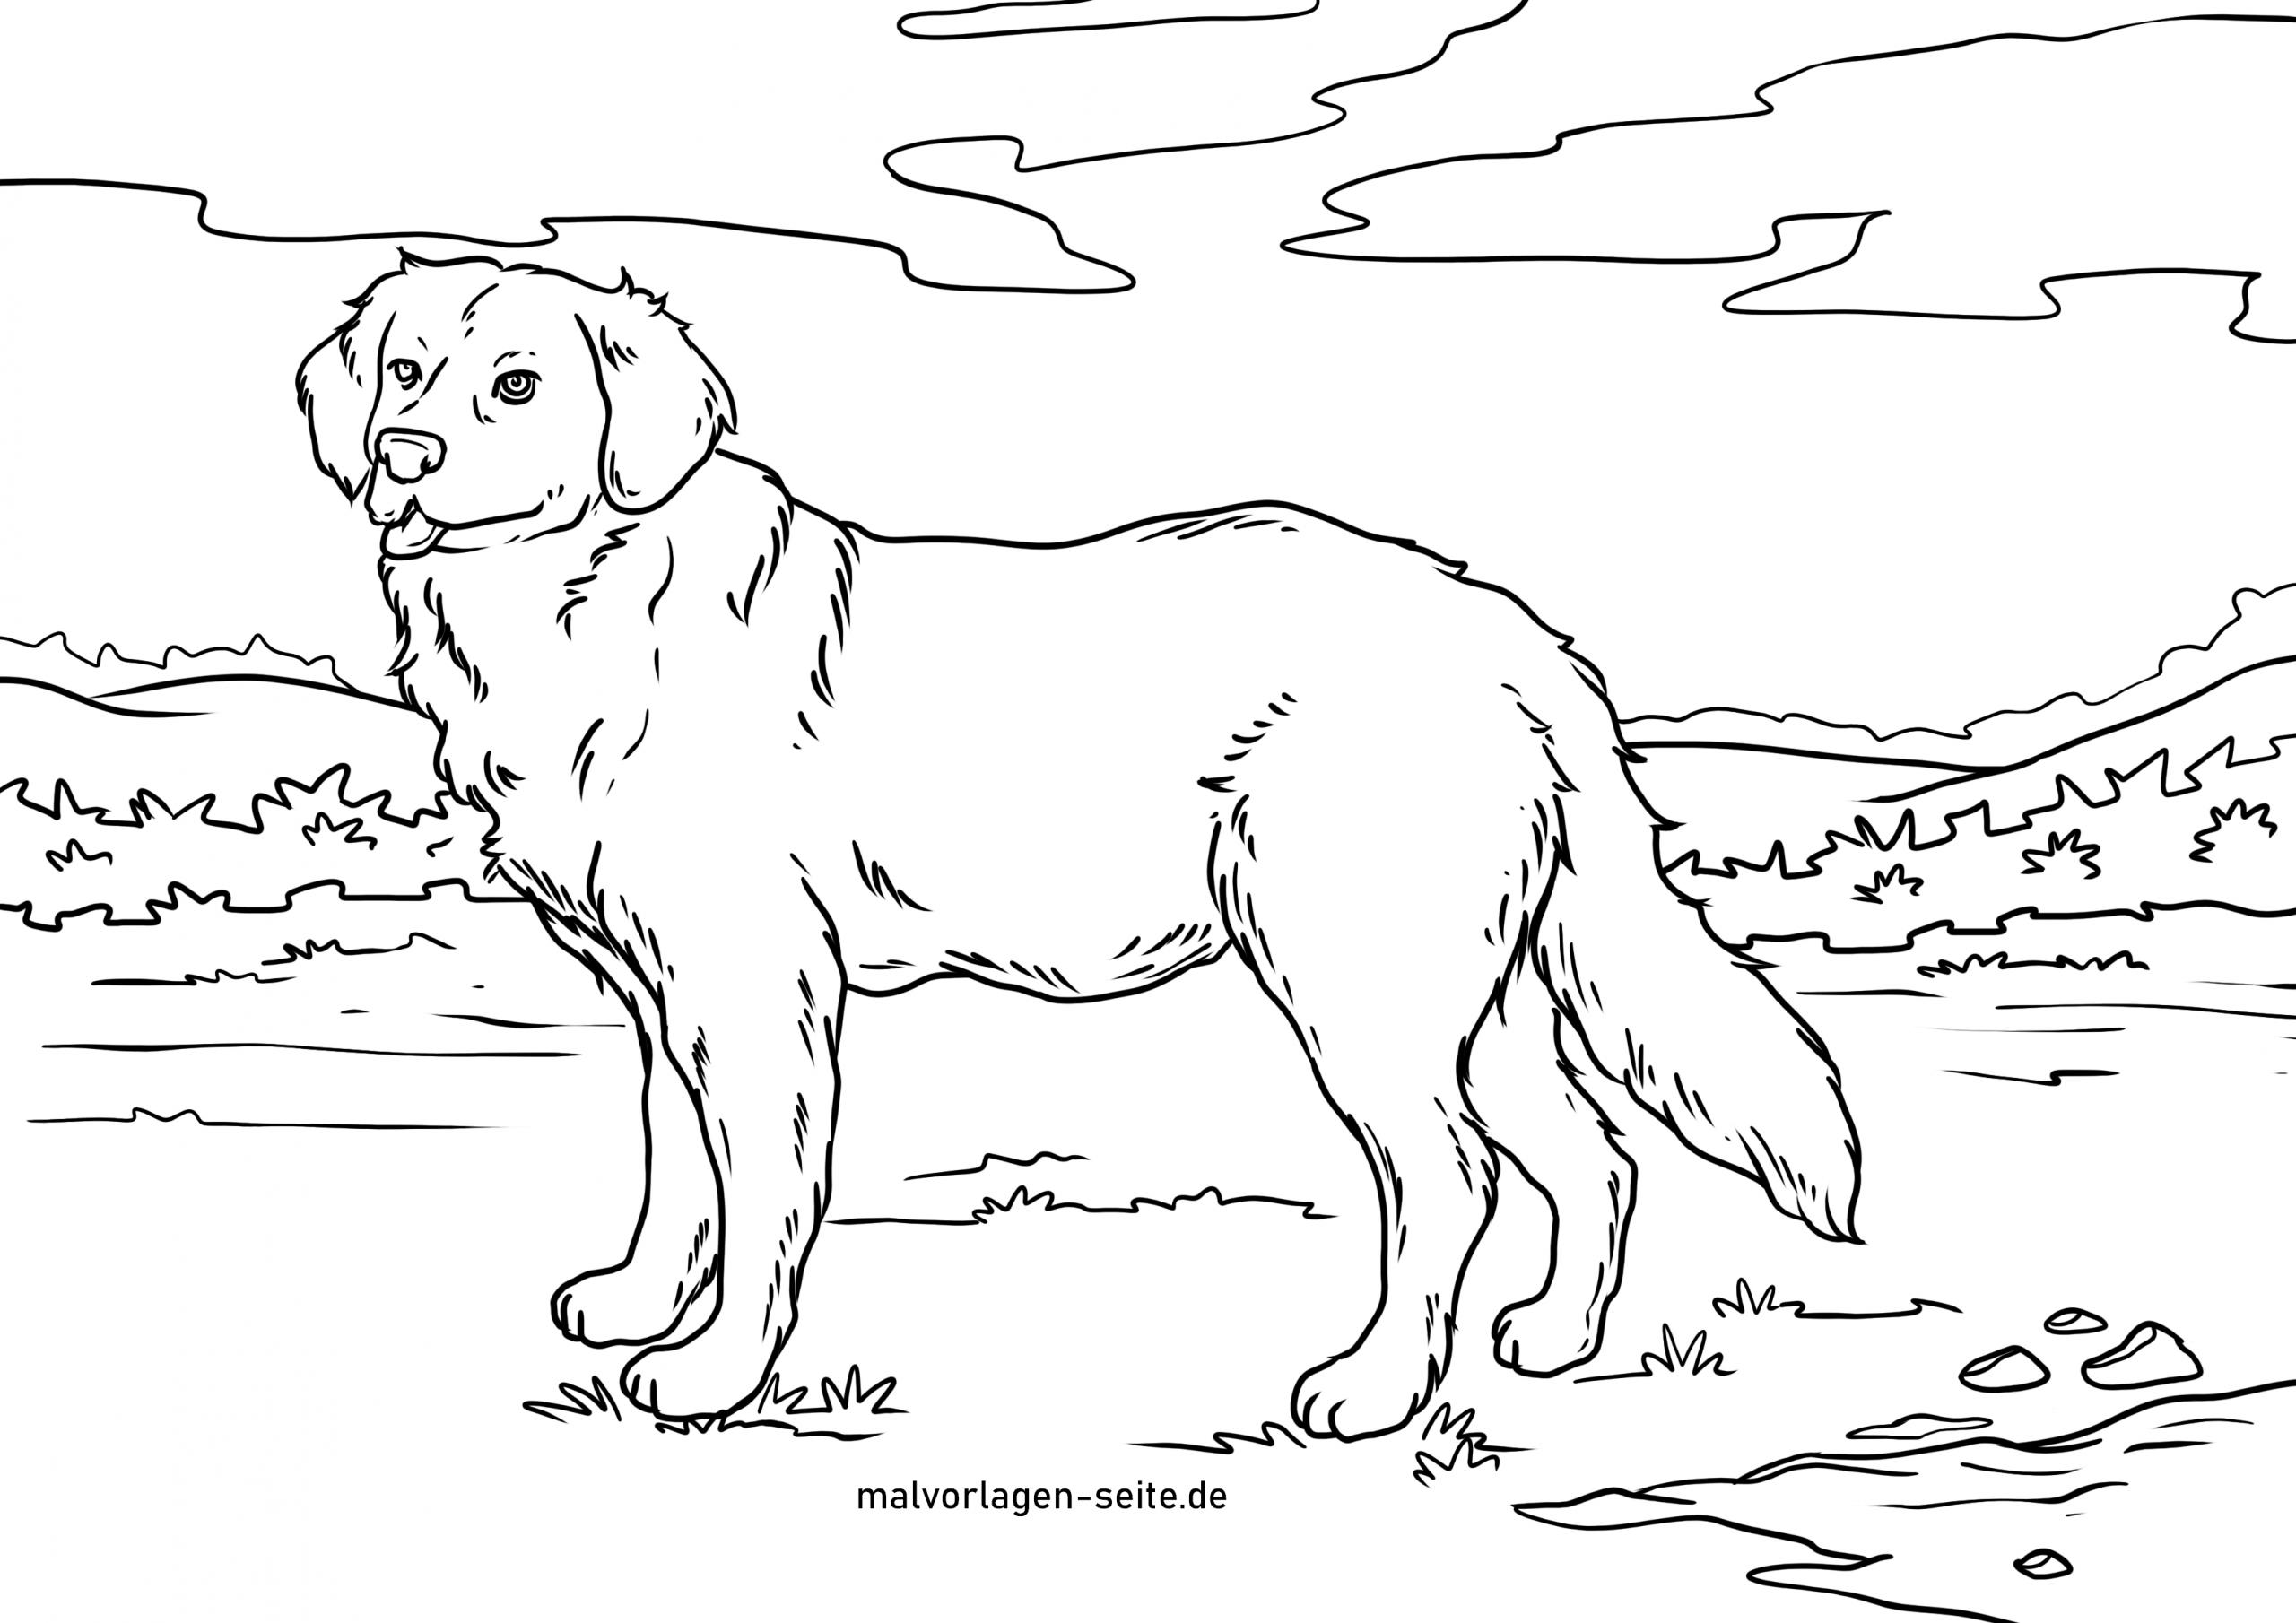 Malvorlage Golden Retriever | Hunde - Ausmalbilder Kostenlos innen Ausmalbilder Von Hunden